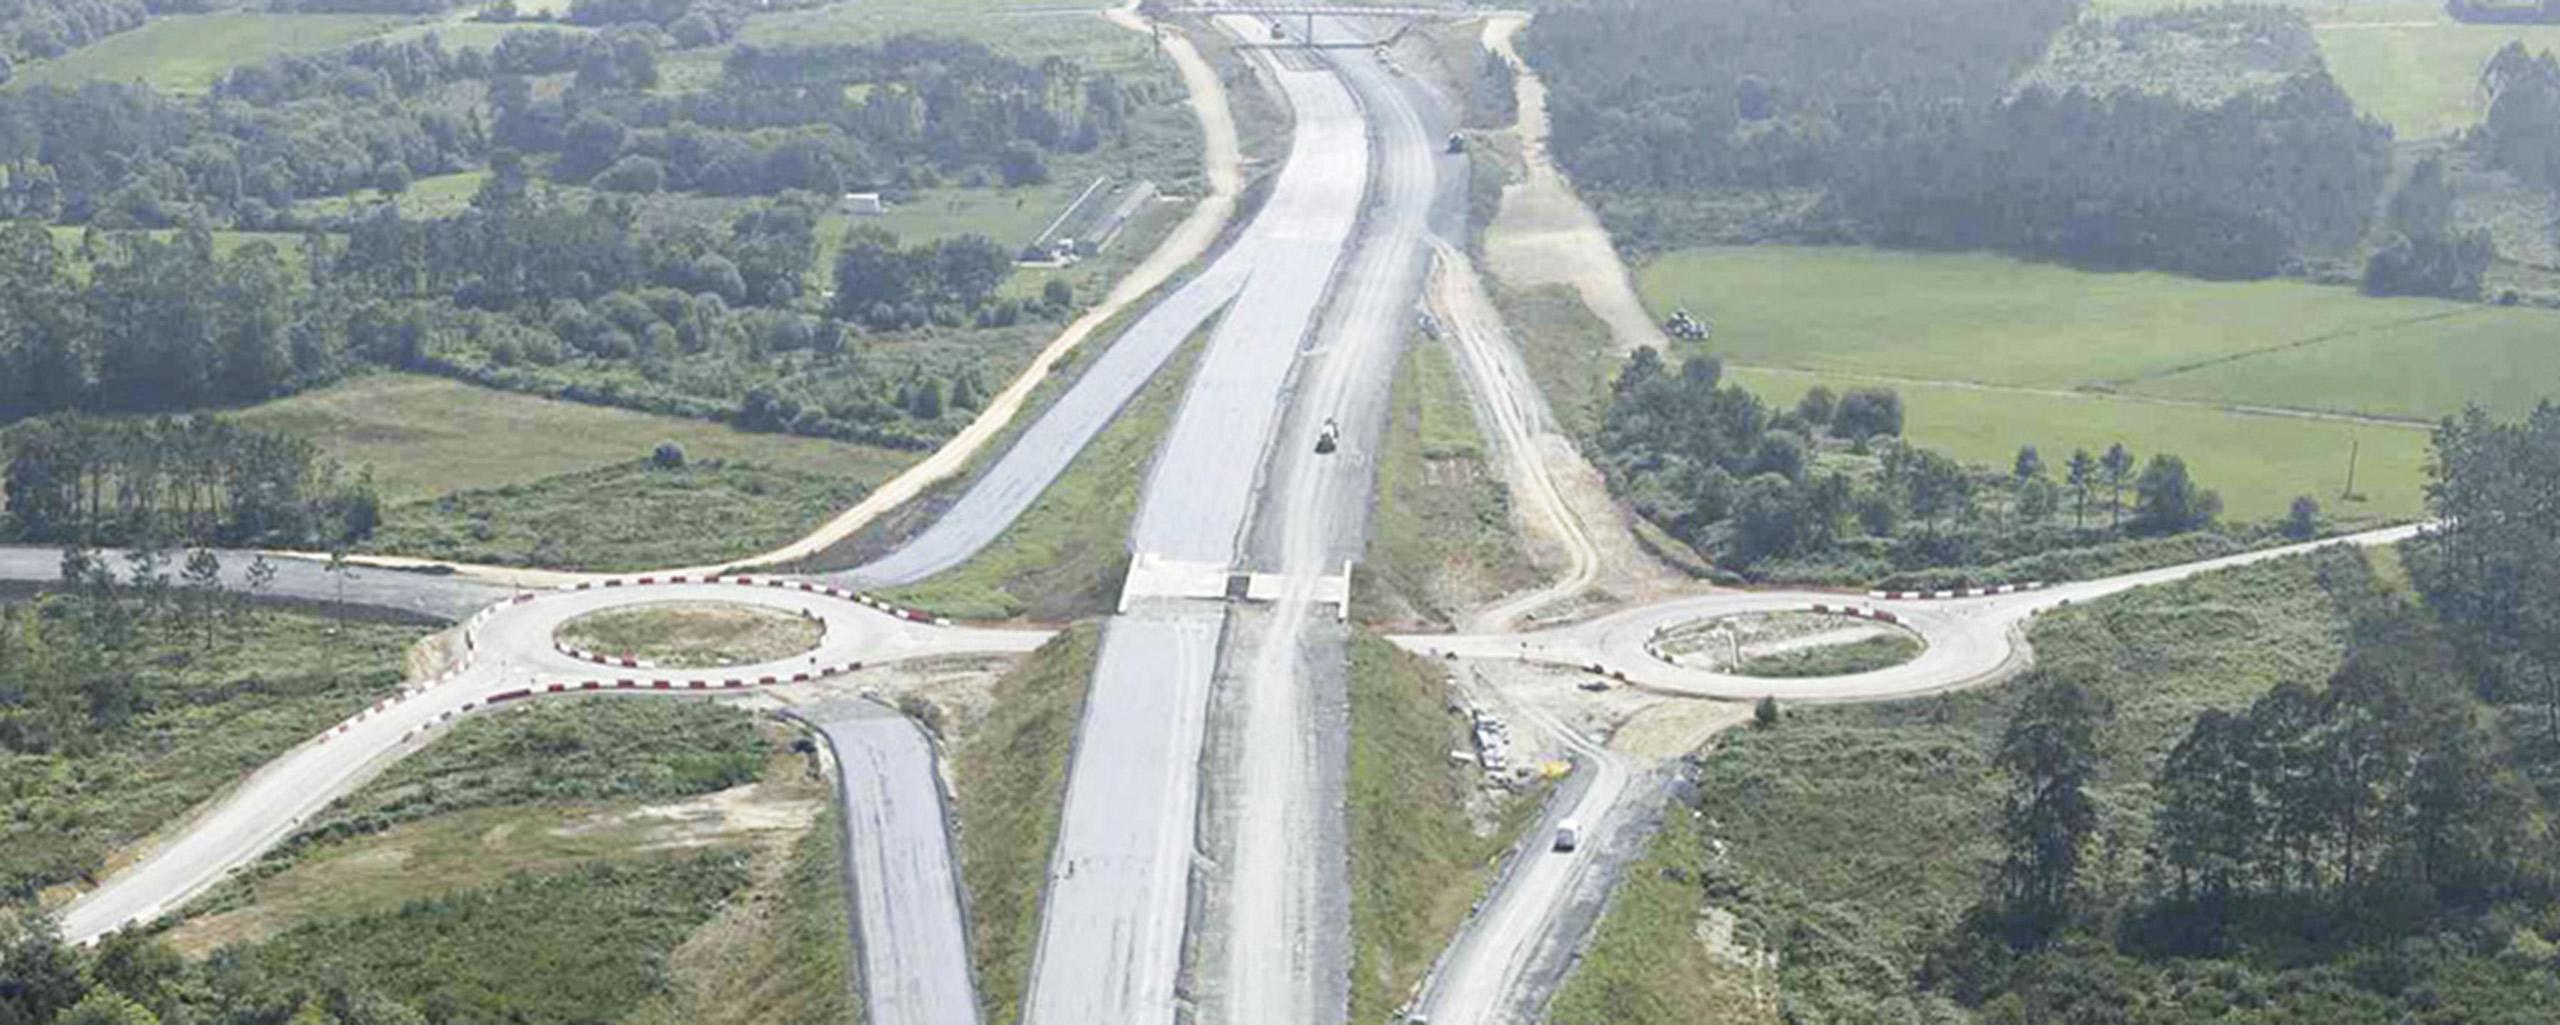 Restauración de infraestructura lineal (autopista)